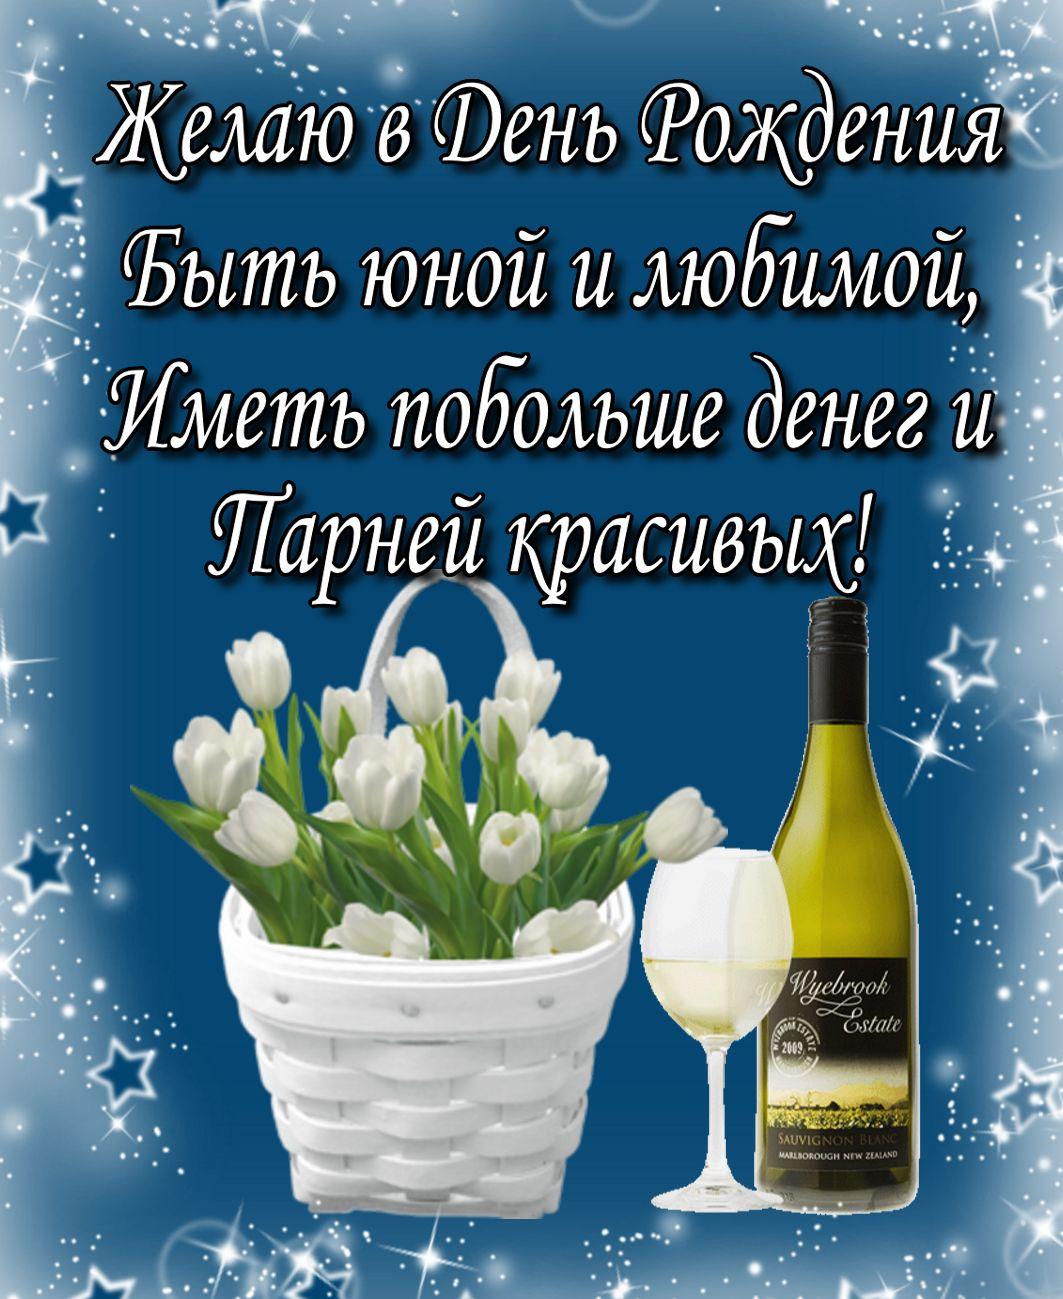 открытка - корзина с белыми розами на День рождения